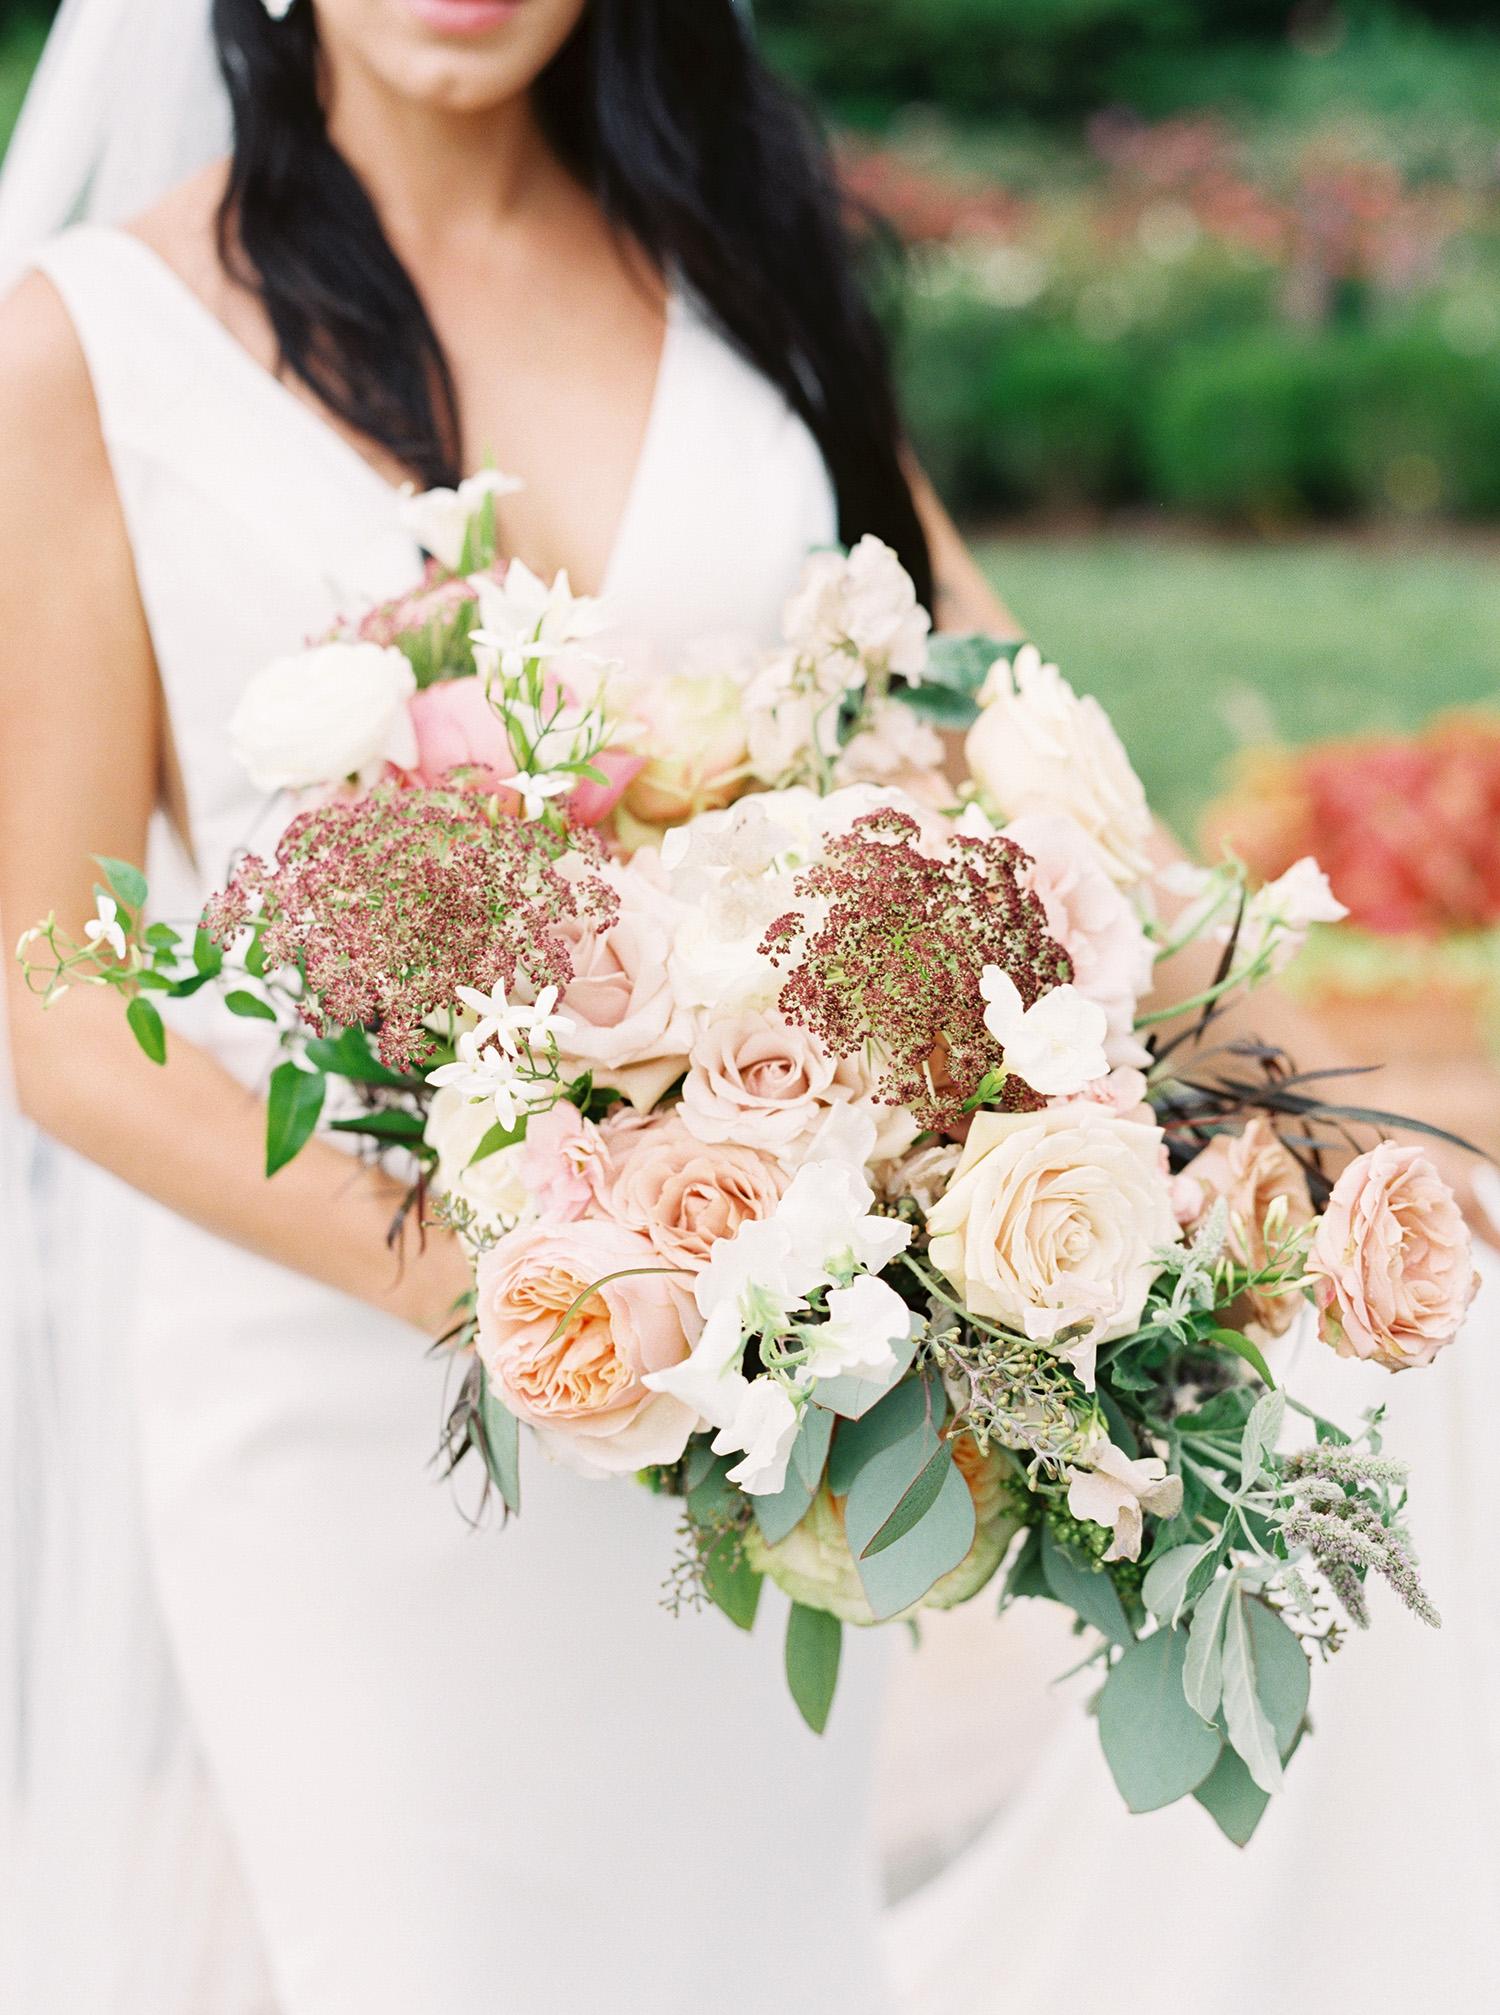 noel mike wedding bride bouquet